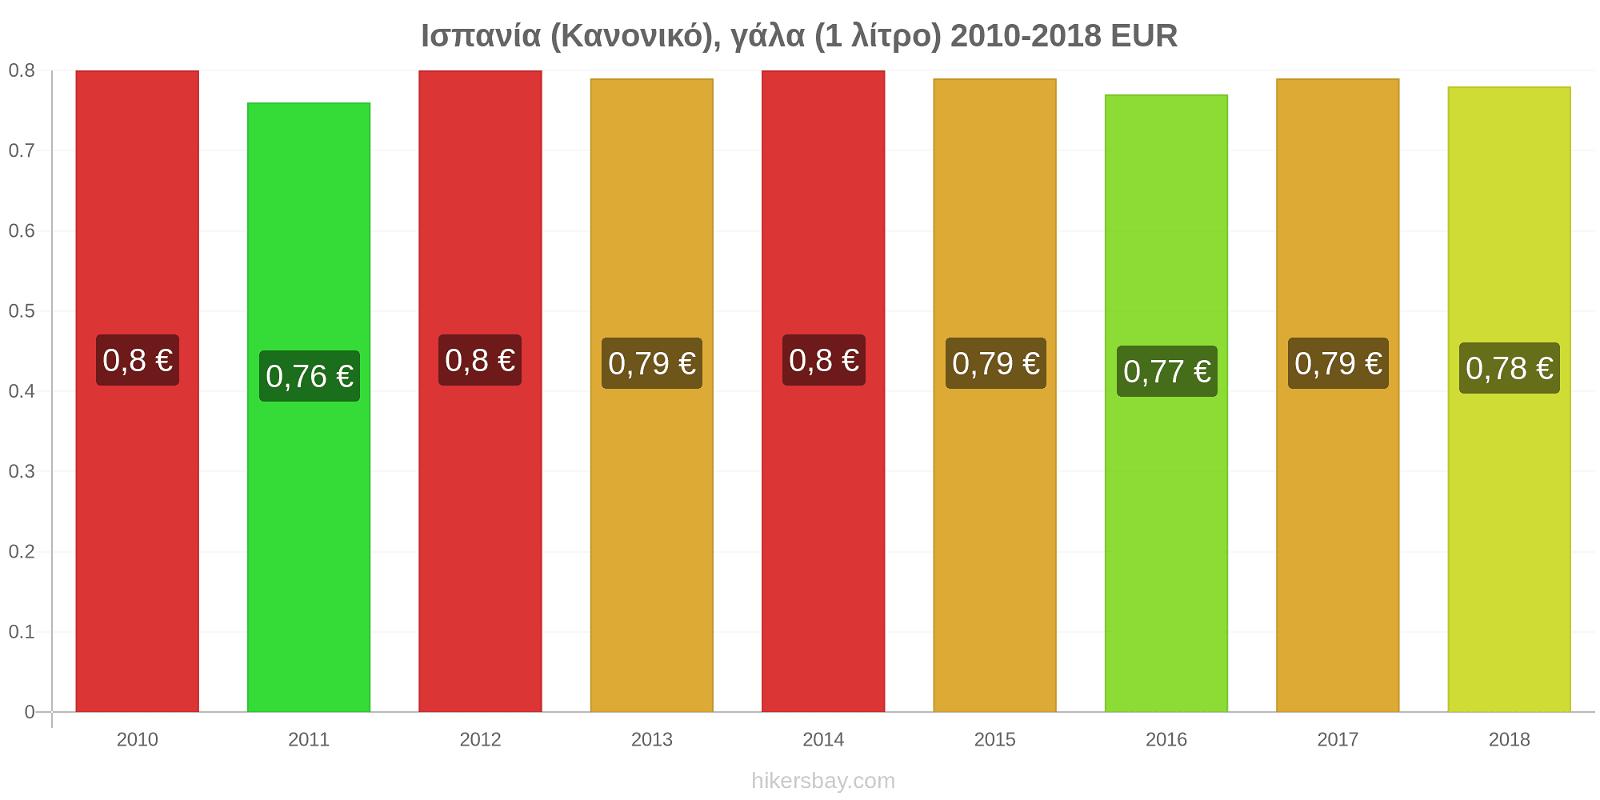 Ισπανία αλλαγές τιμών (Κανονικό), γάλα (1 λίτρο) hikersbay.com